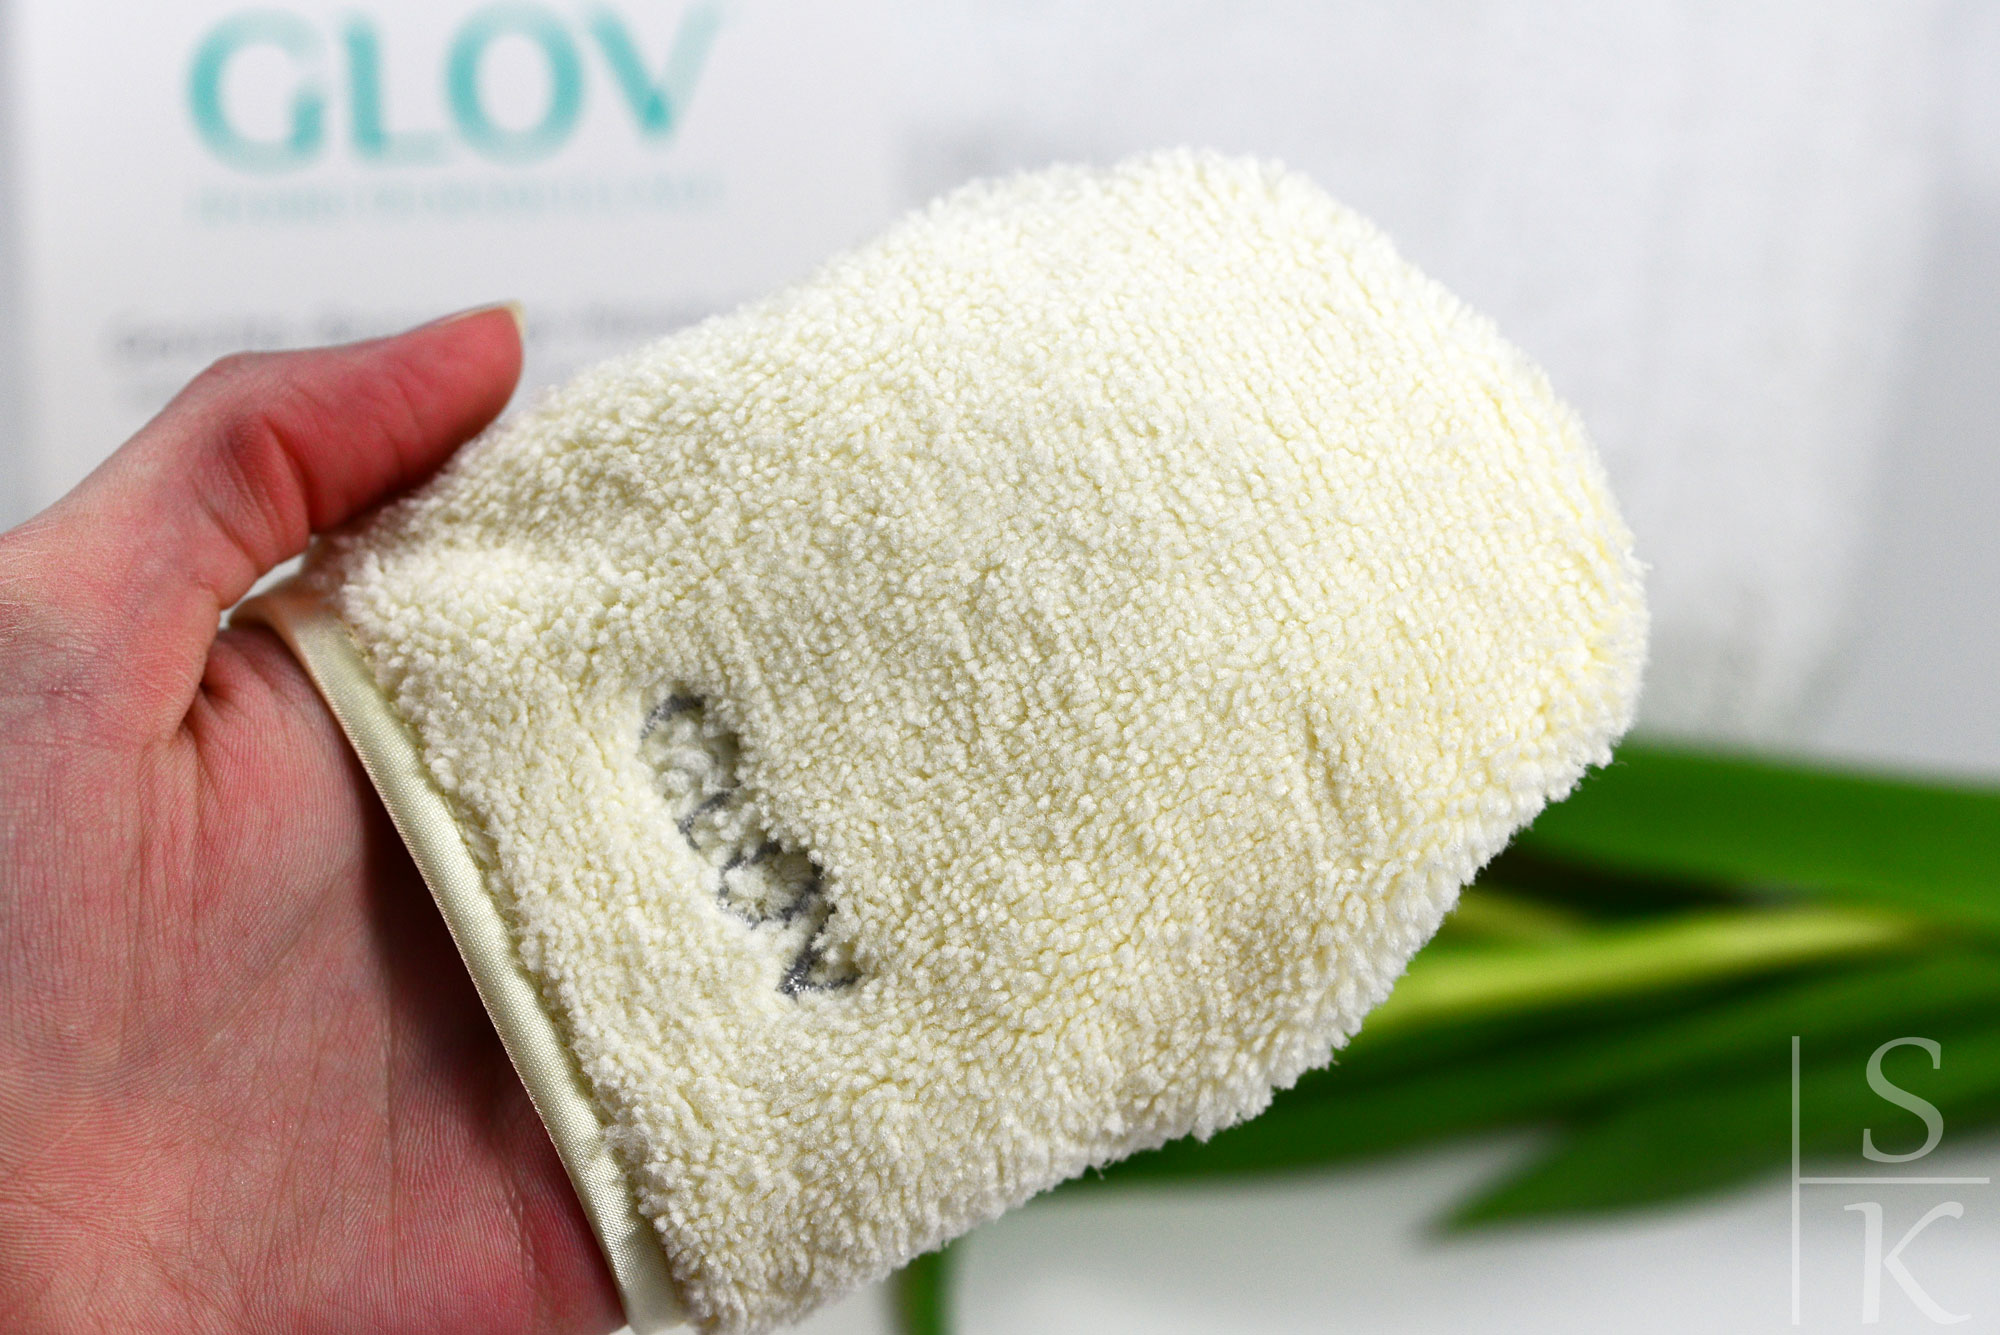 Glov-Gesichts-Reinigungs-Handschuh-09